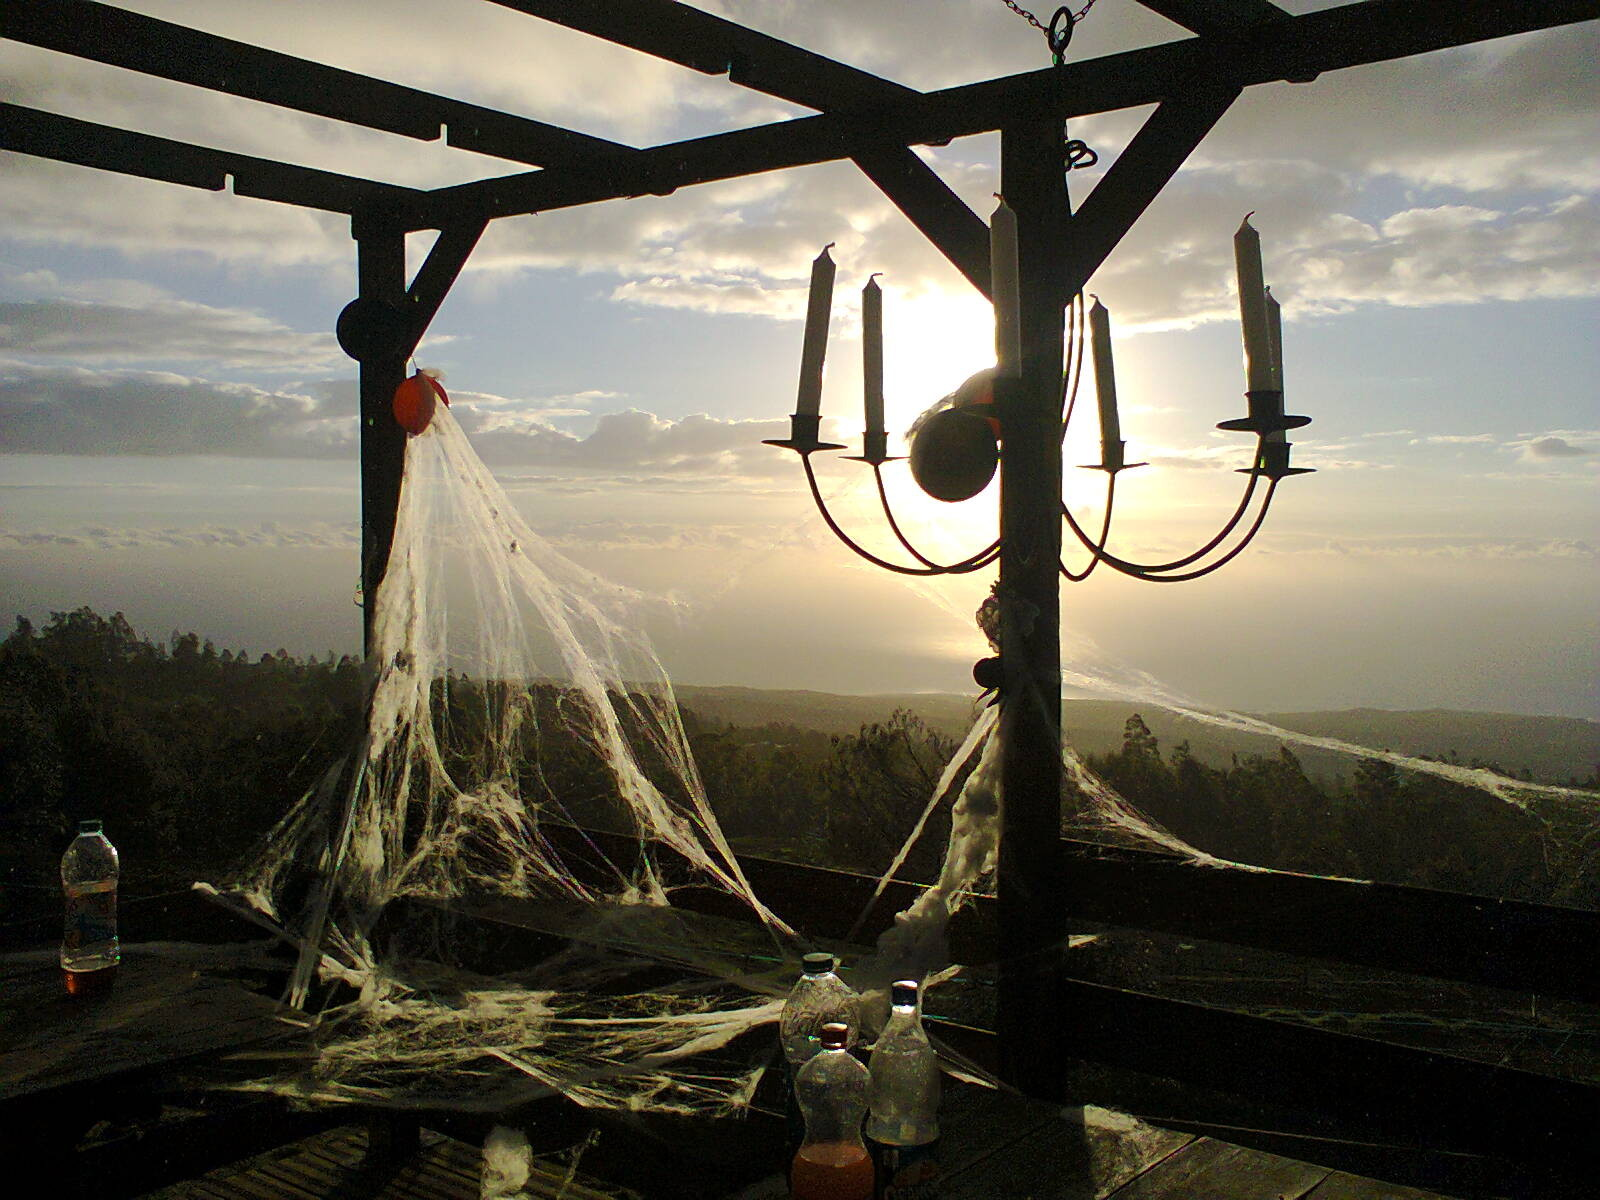 coucher de soleil sur les restes de la fête